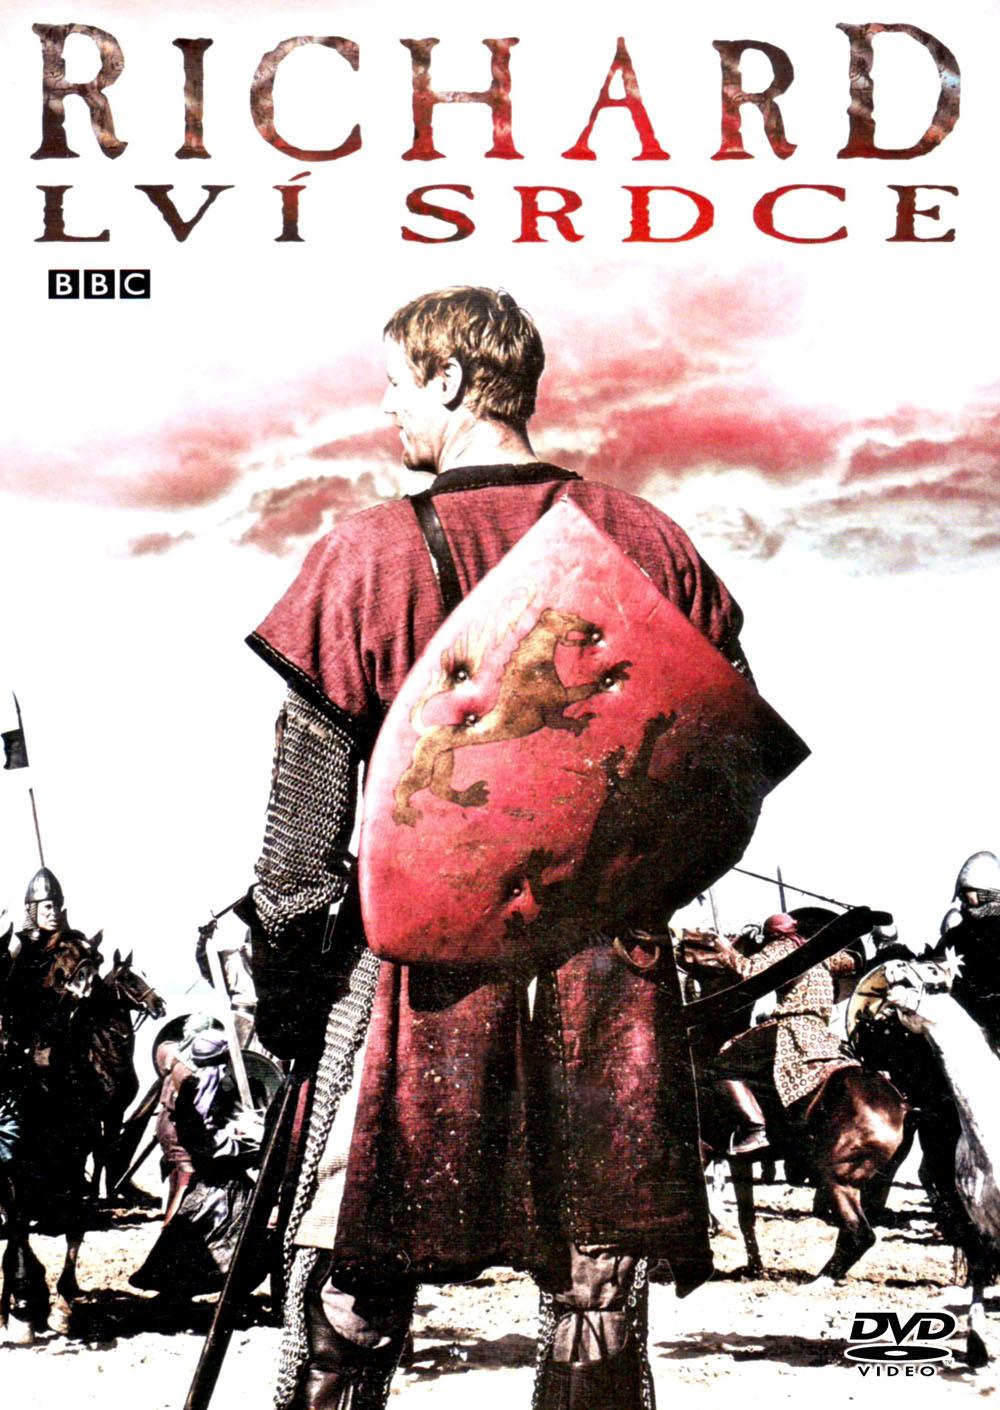 NESMRTELNÍ VÁLEČNÍCI: RICHARD LVÍ SRDCE - DVD